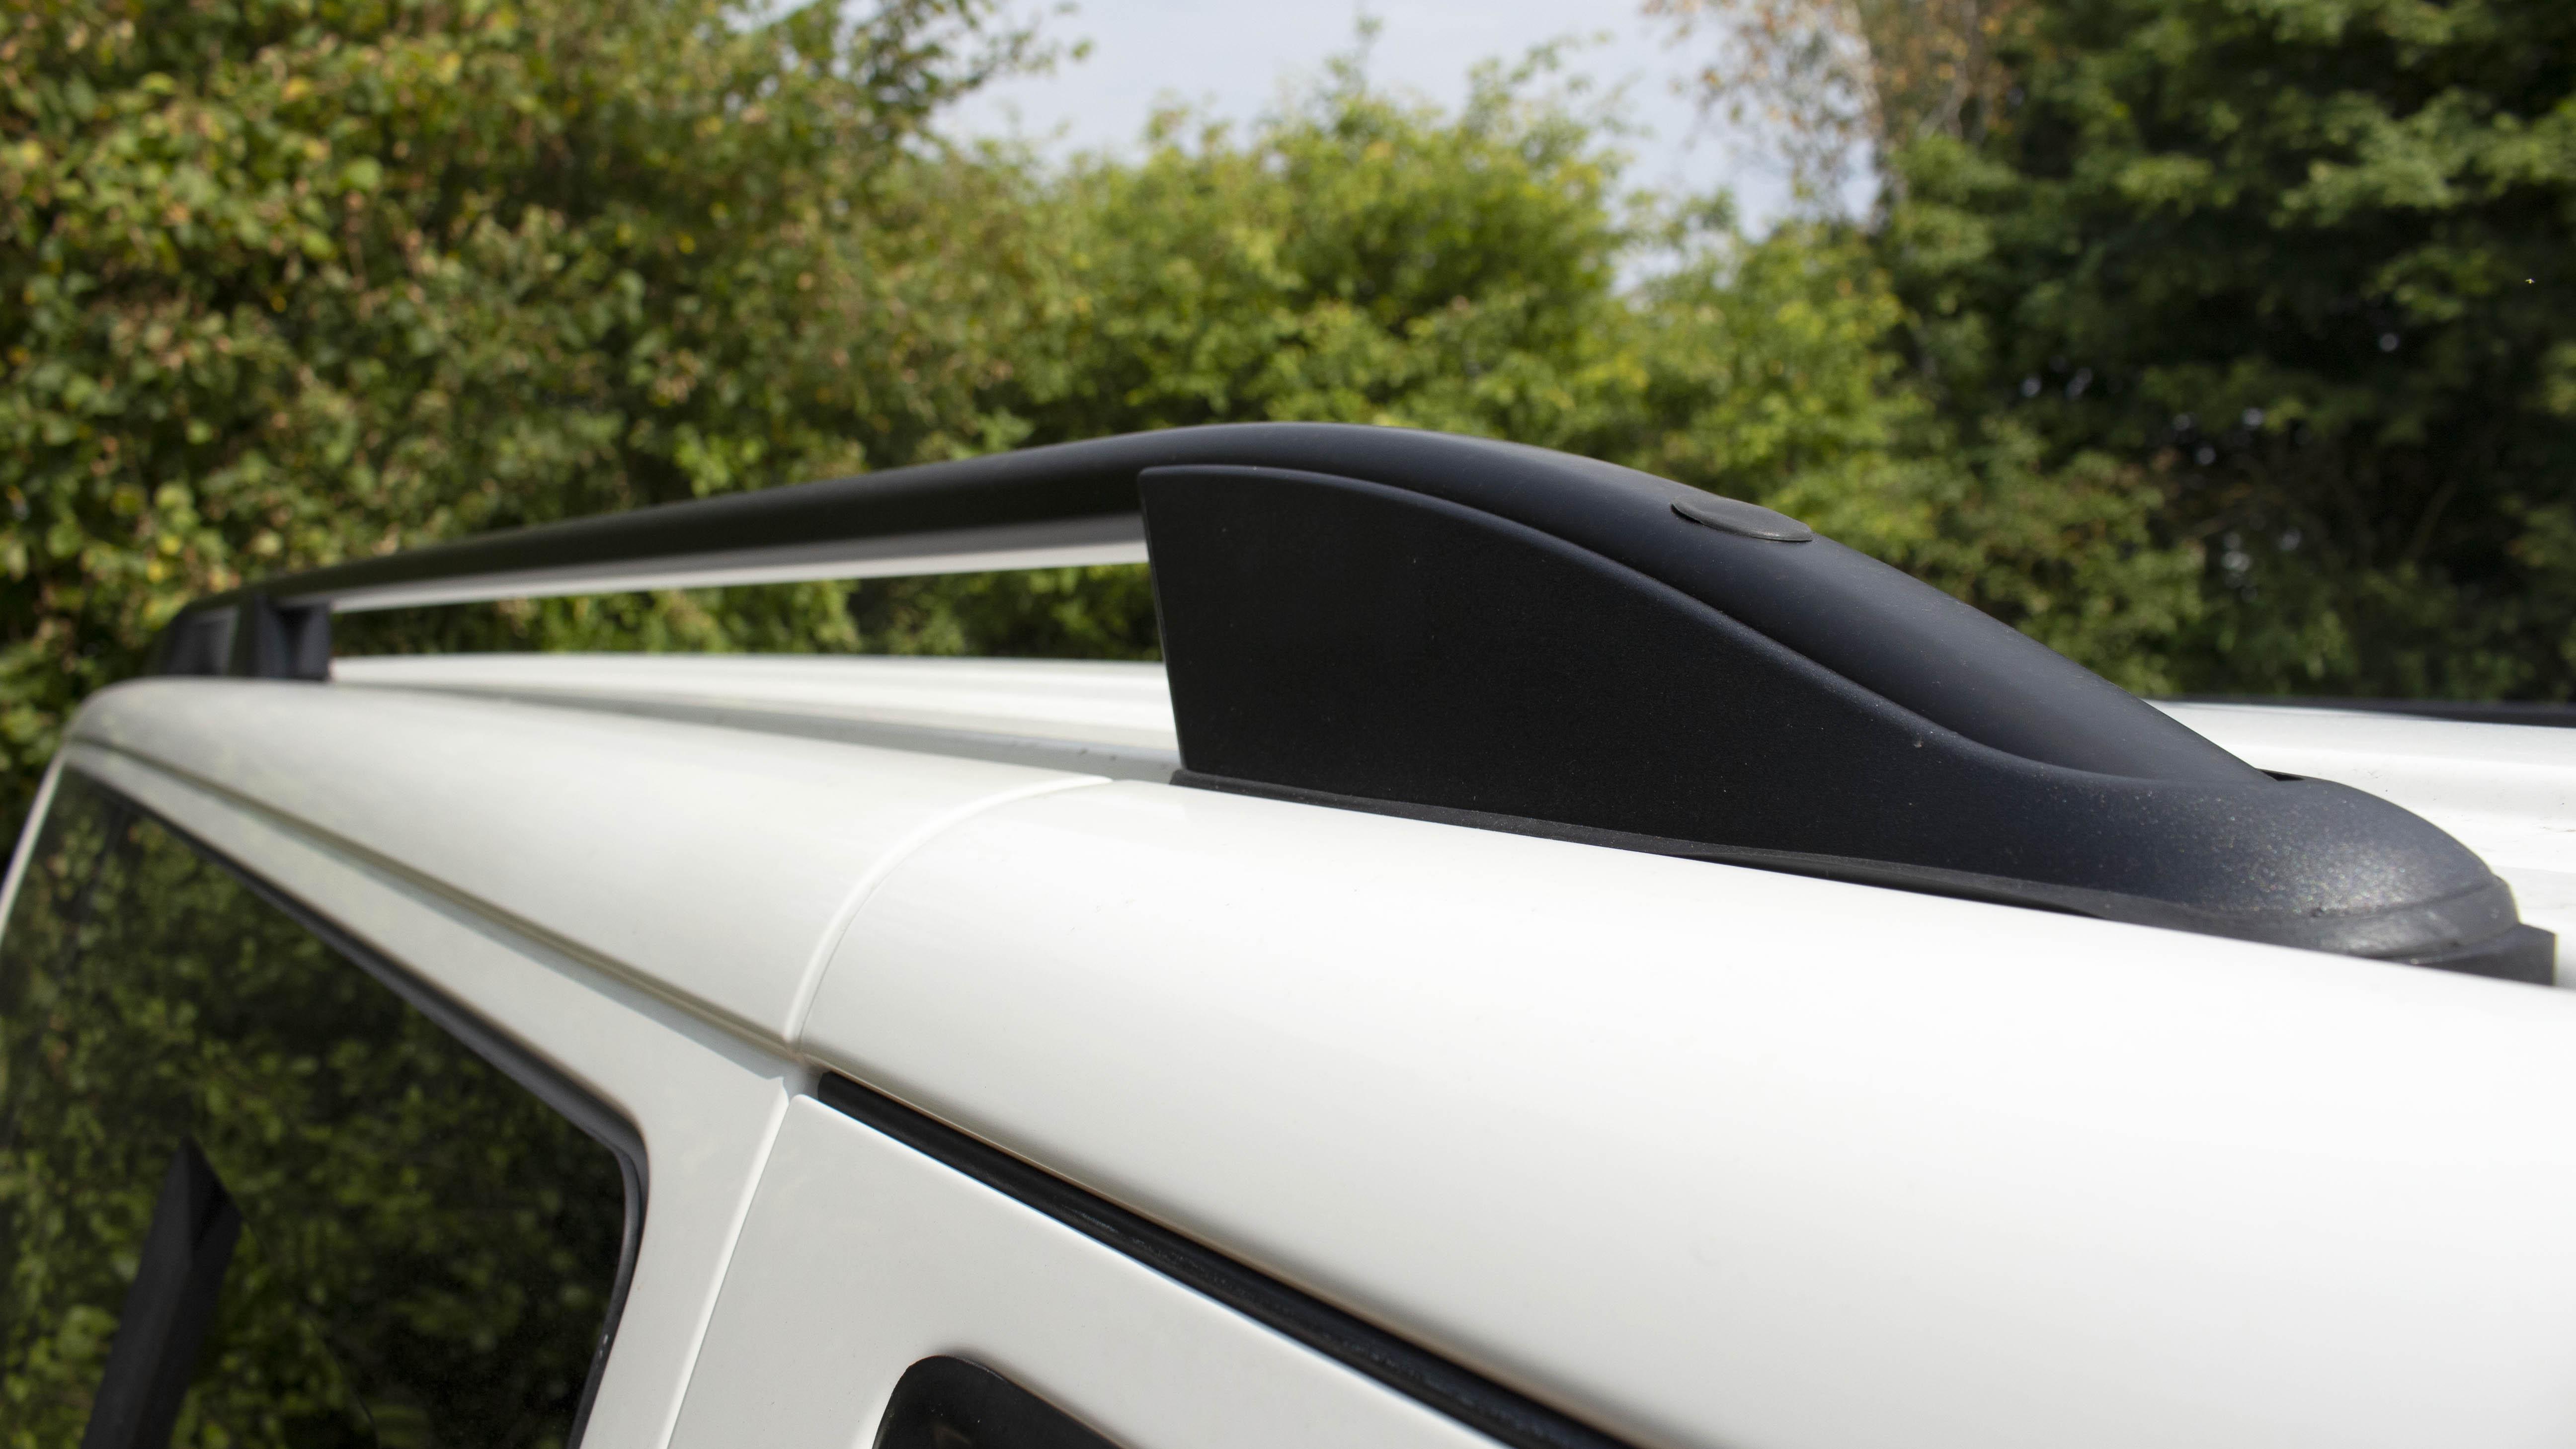 VW Transporter T5 T6 Aluminium Roof Rails Black SWB